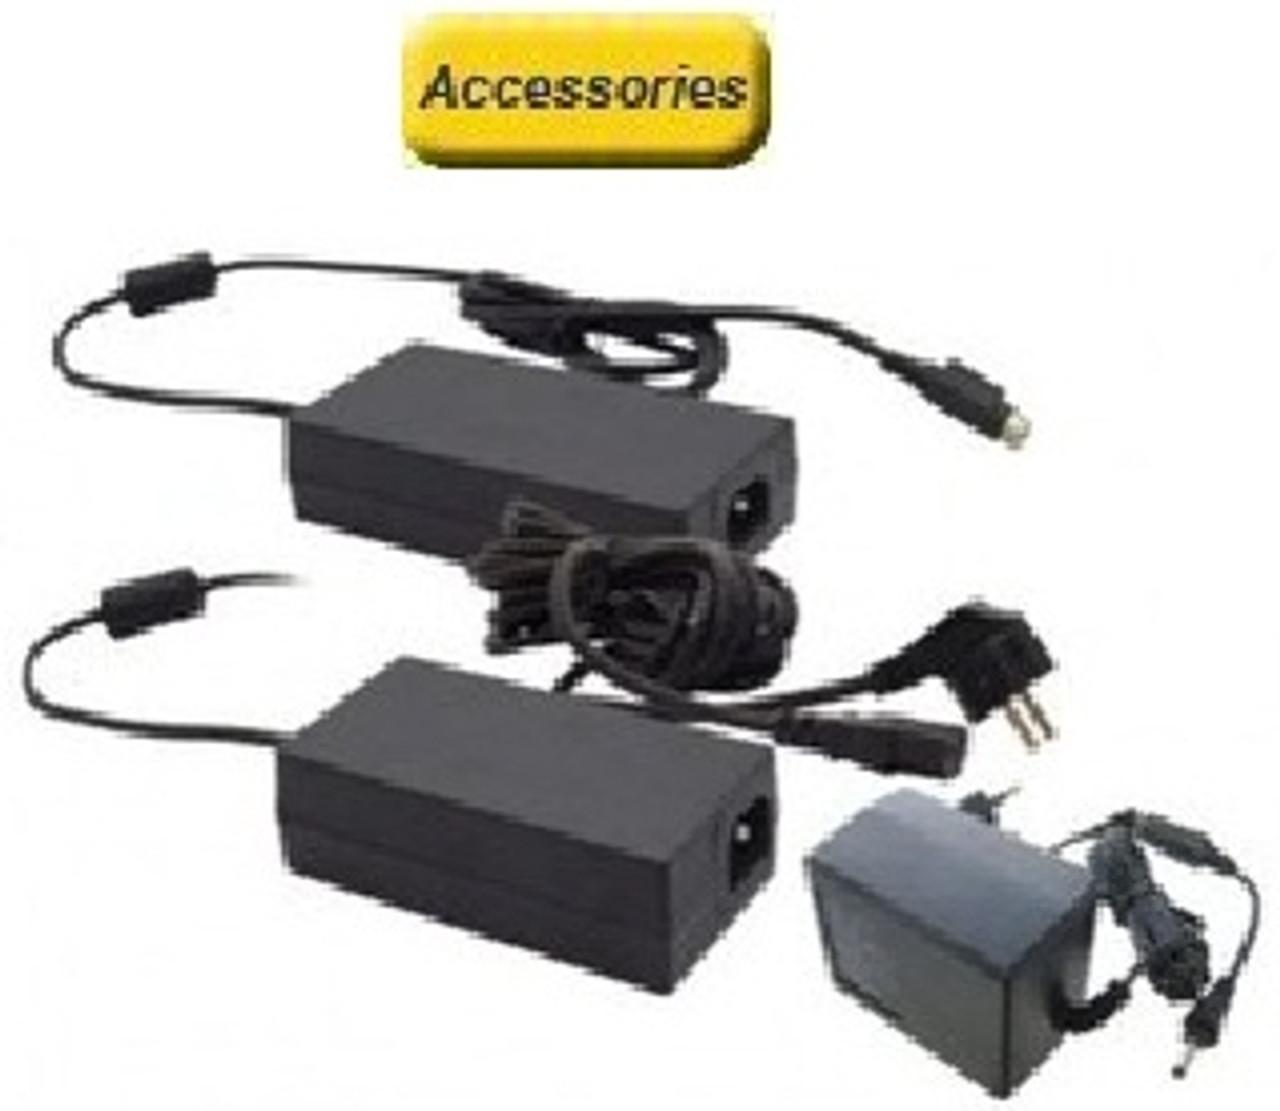 KR403 Accessories